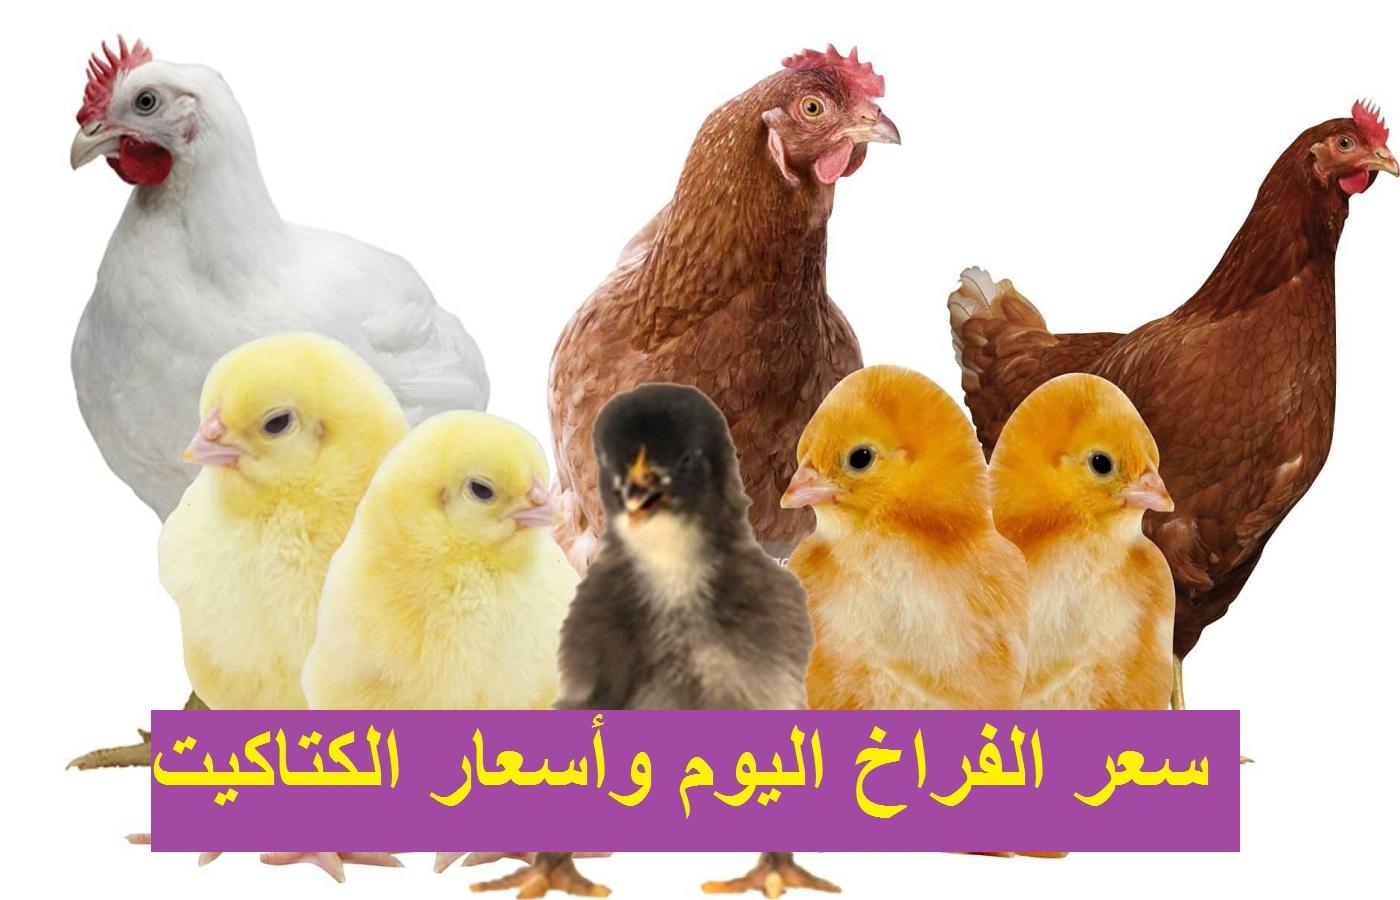 أسعار بورصة الدواجن اليوم الإثنين 13 سبتمبر وسعر الفراخ اليوم والكتاكيت 3